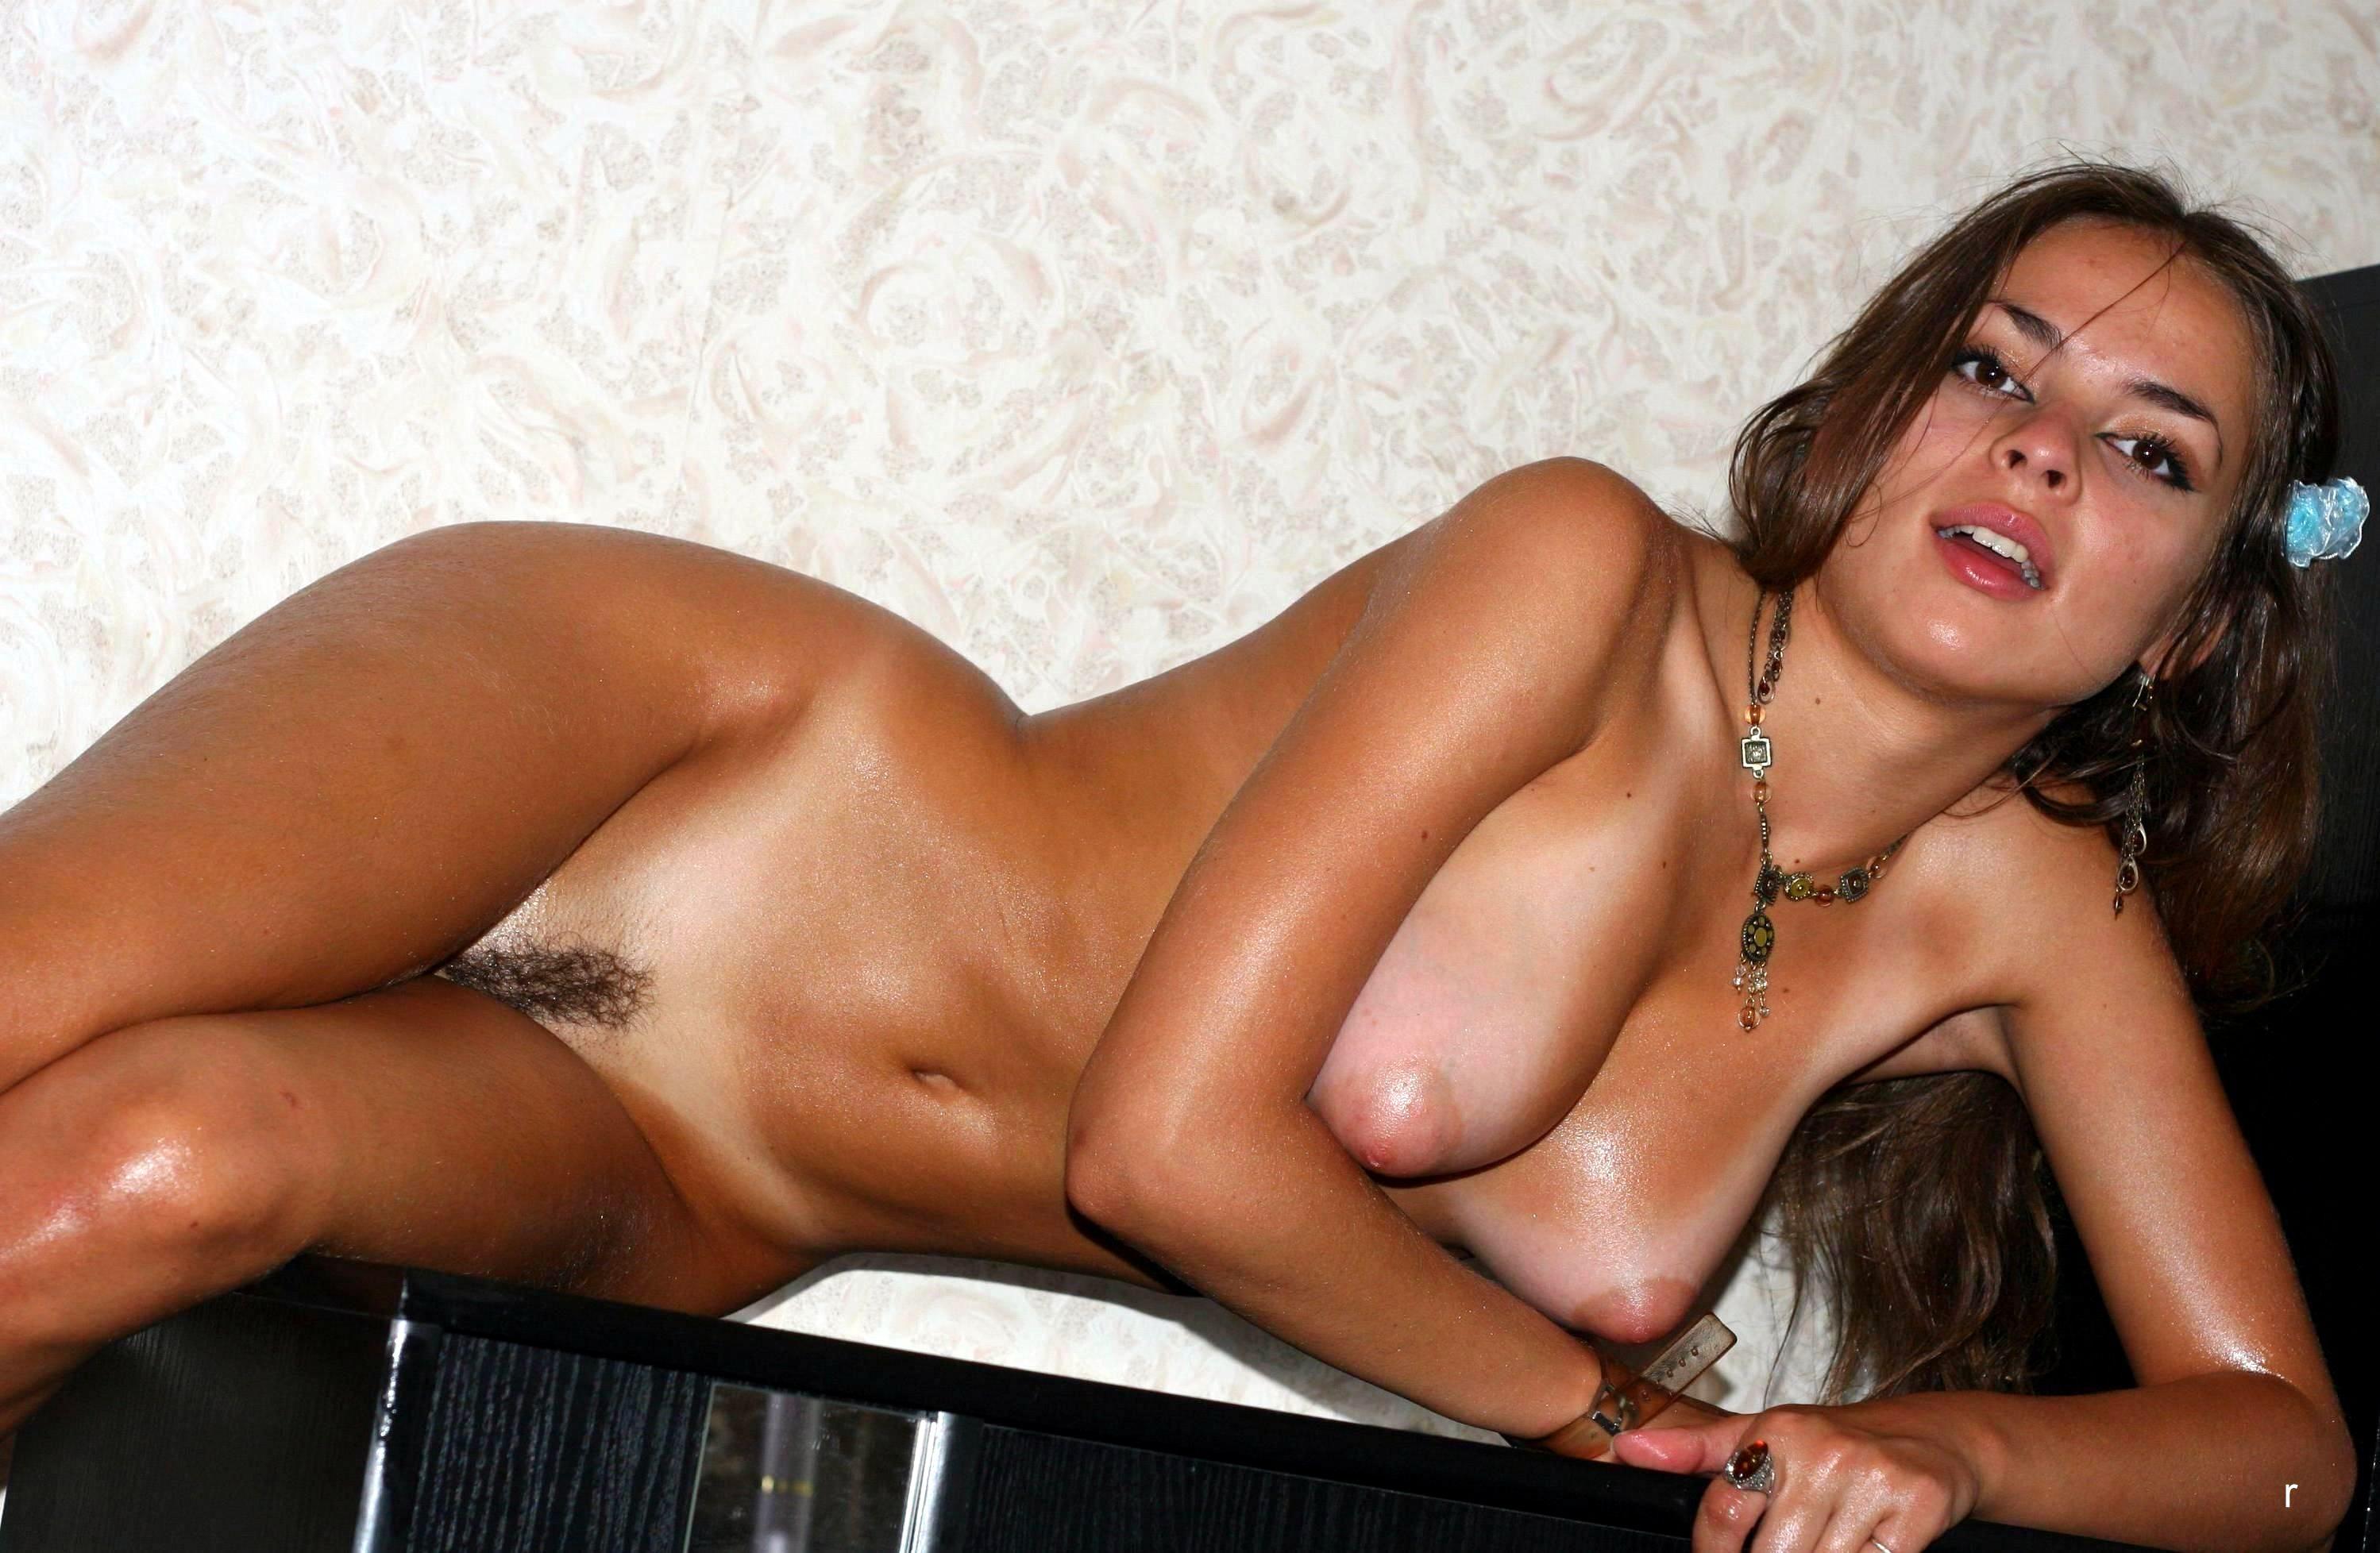 seks-foto-nastoyashaya-lyubitelskaya-erotika-foto-ekran